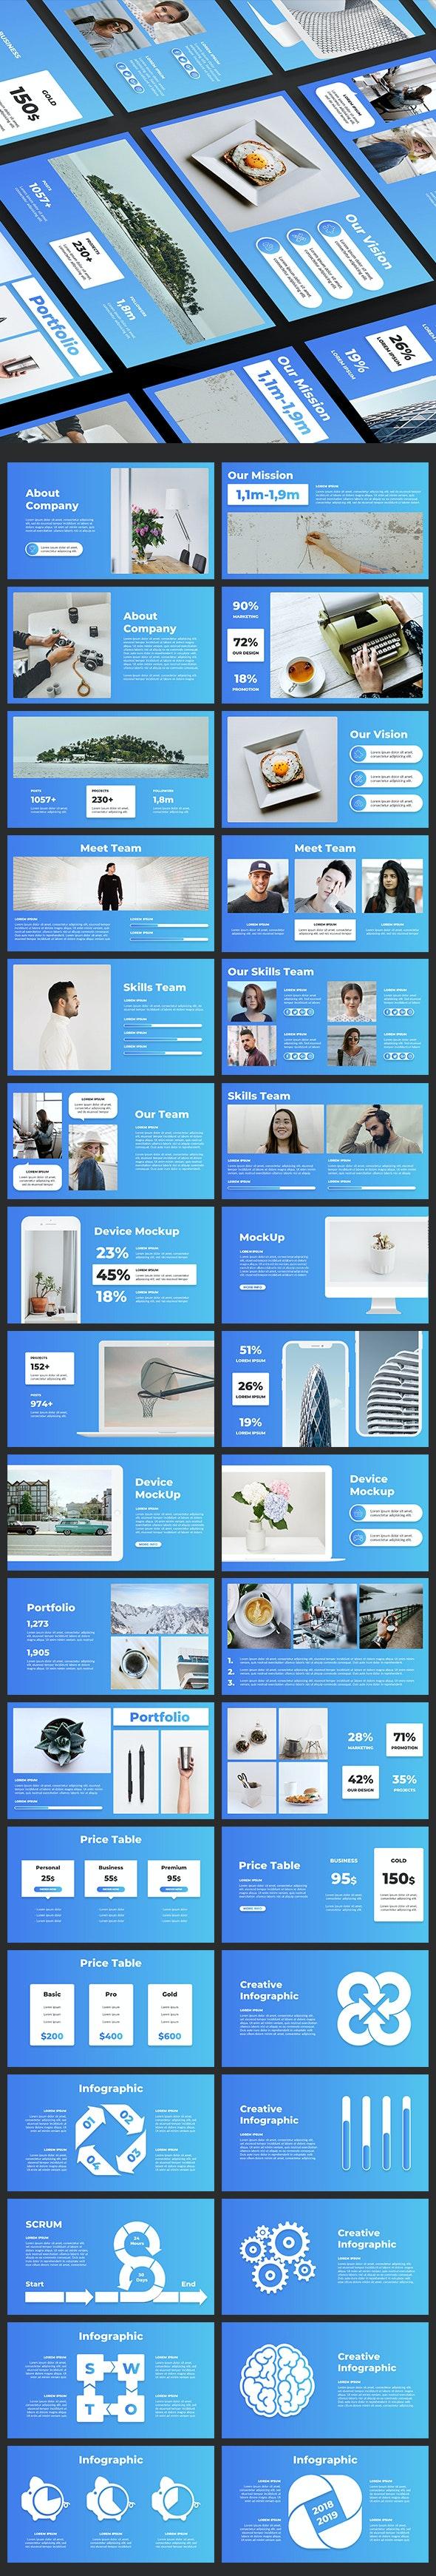 Pitch Deck Google Slide - Google Slides Presentation Templates